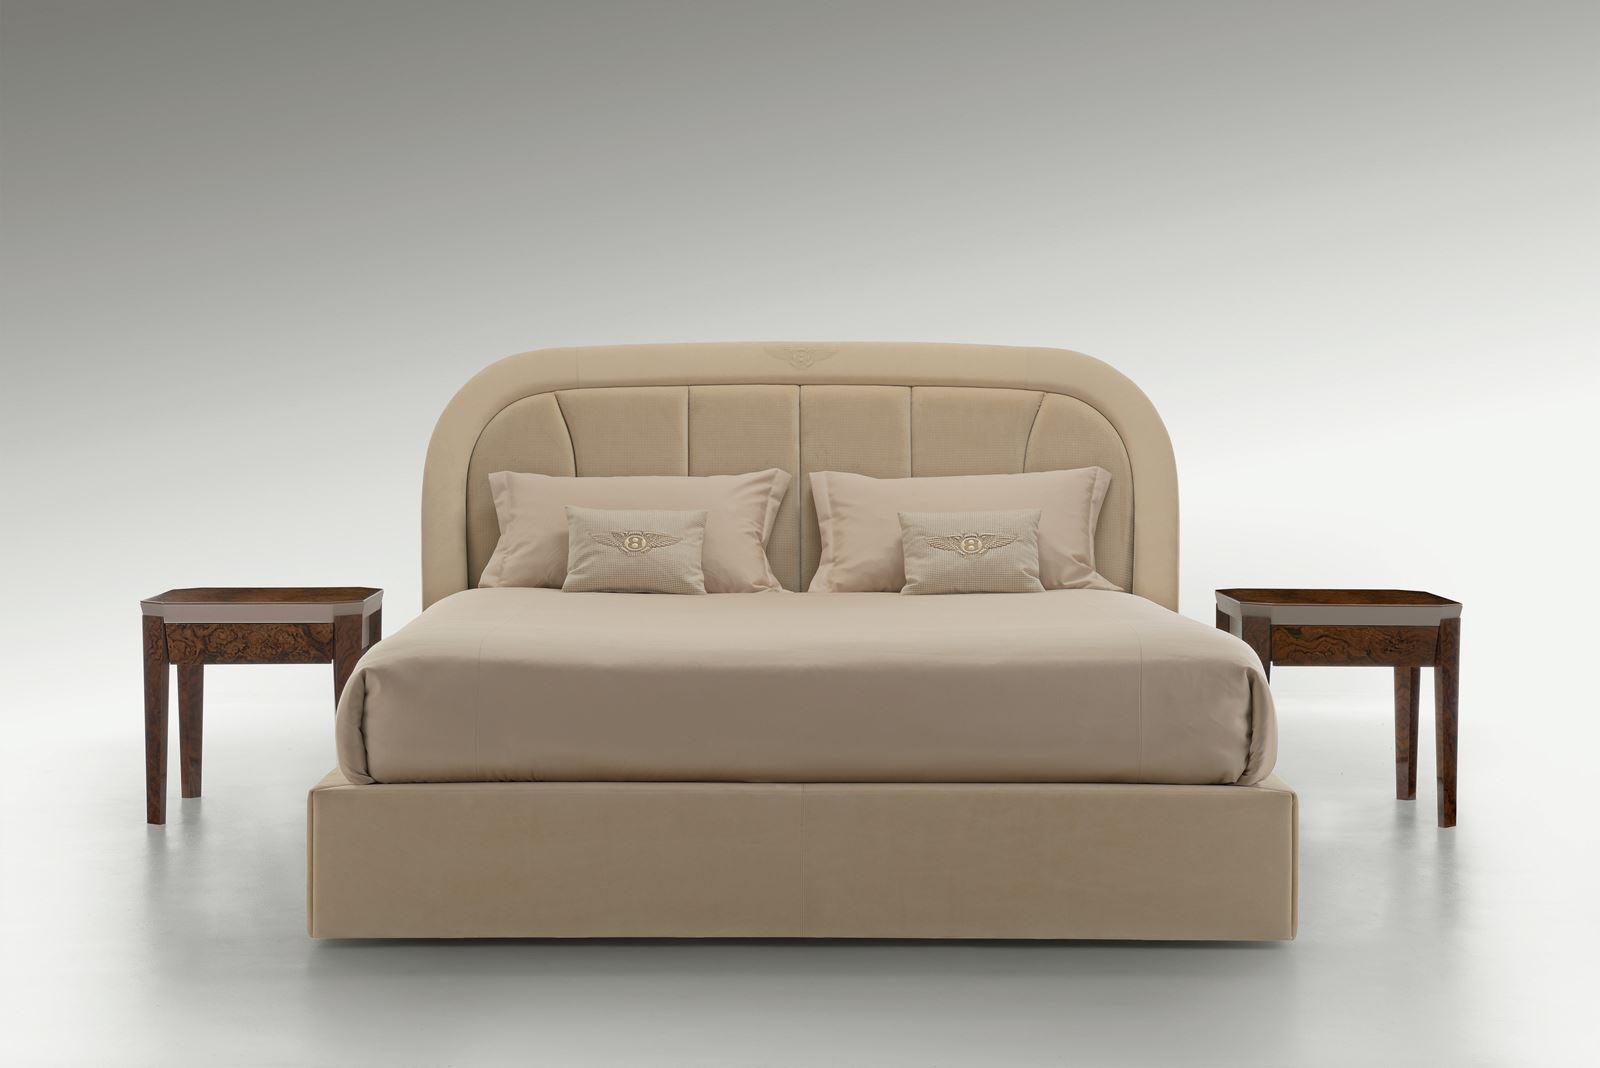 Bentley Furniture Berkeley bed